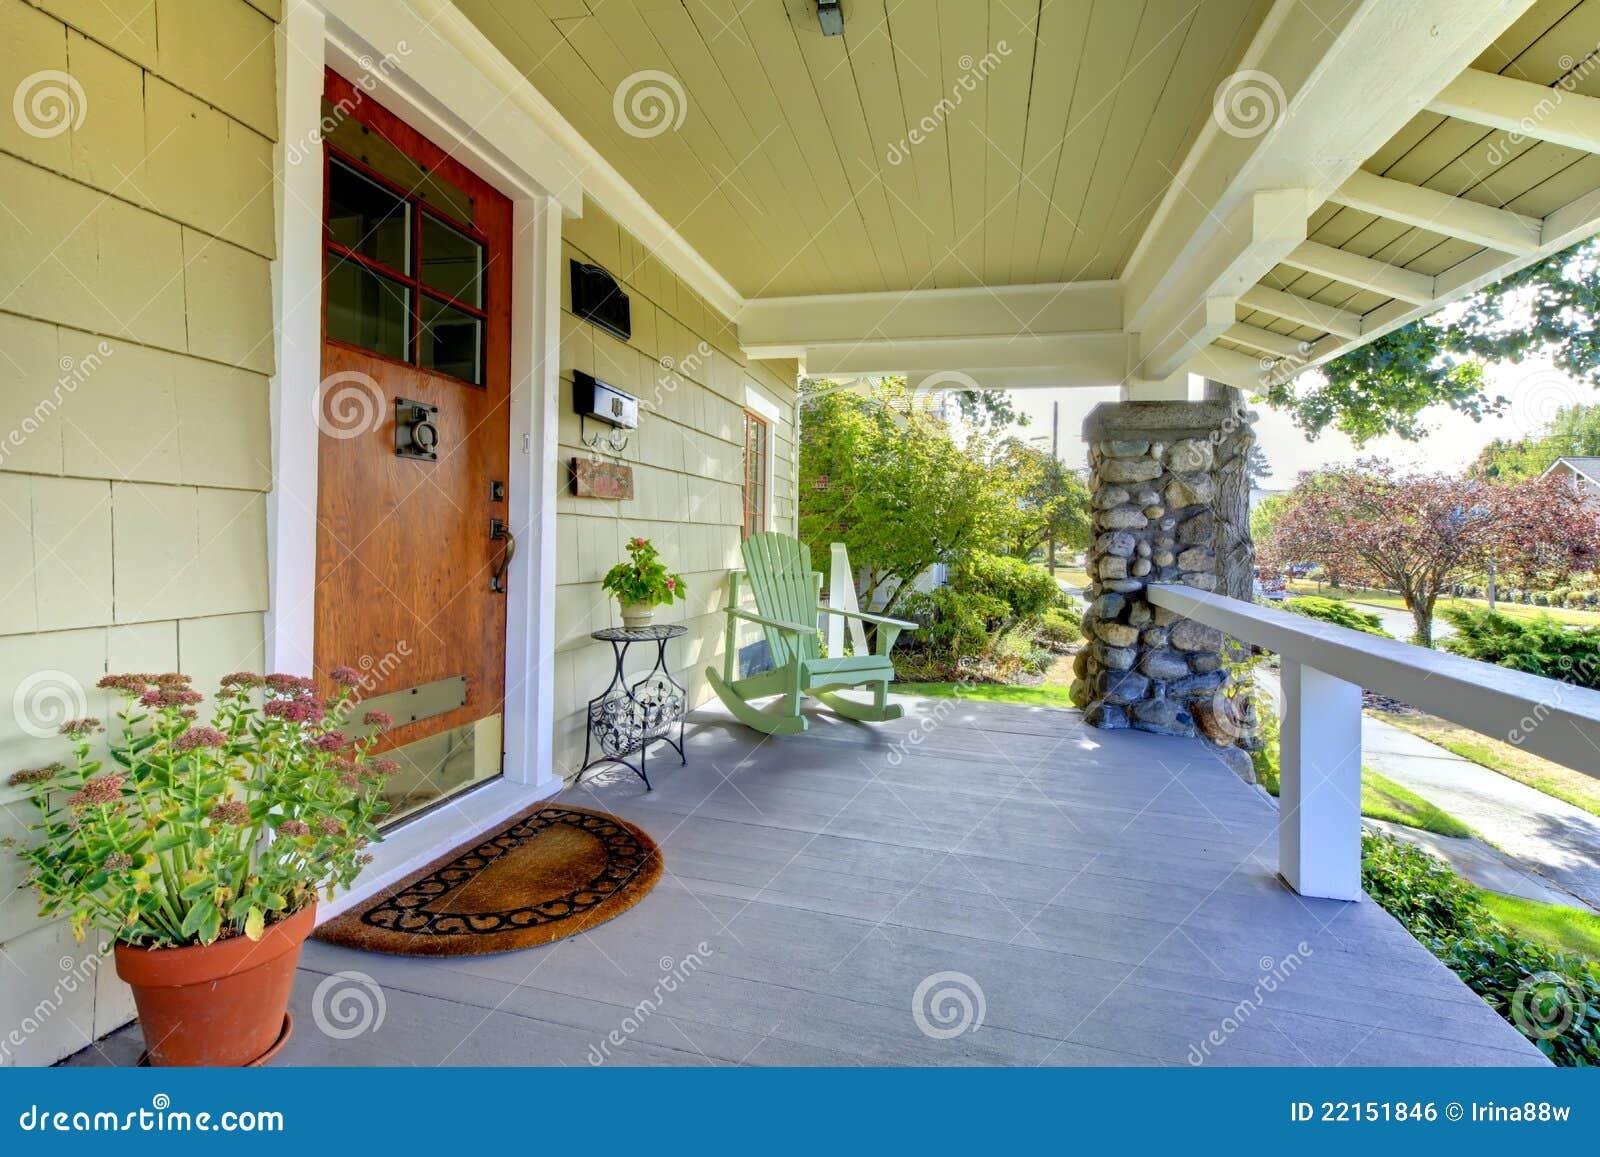 Pátio de entrada coberto coberto. HOME do estilo do artesão.